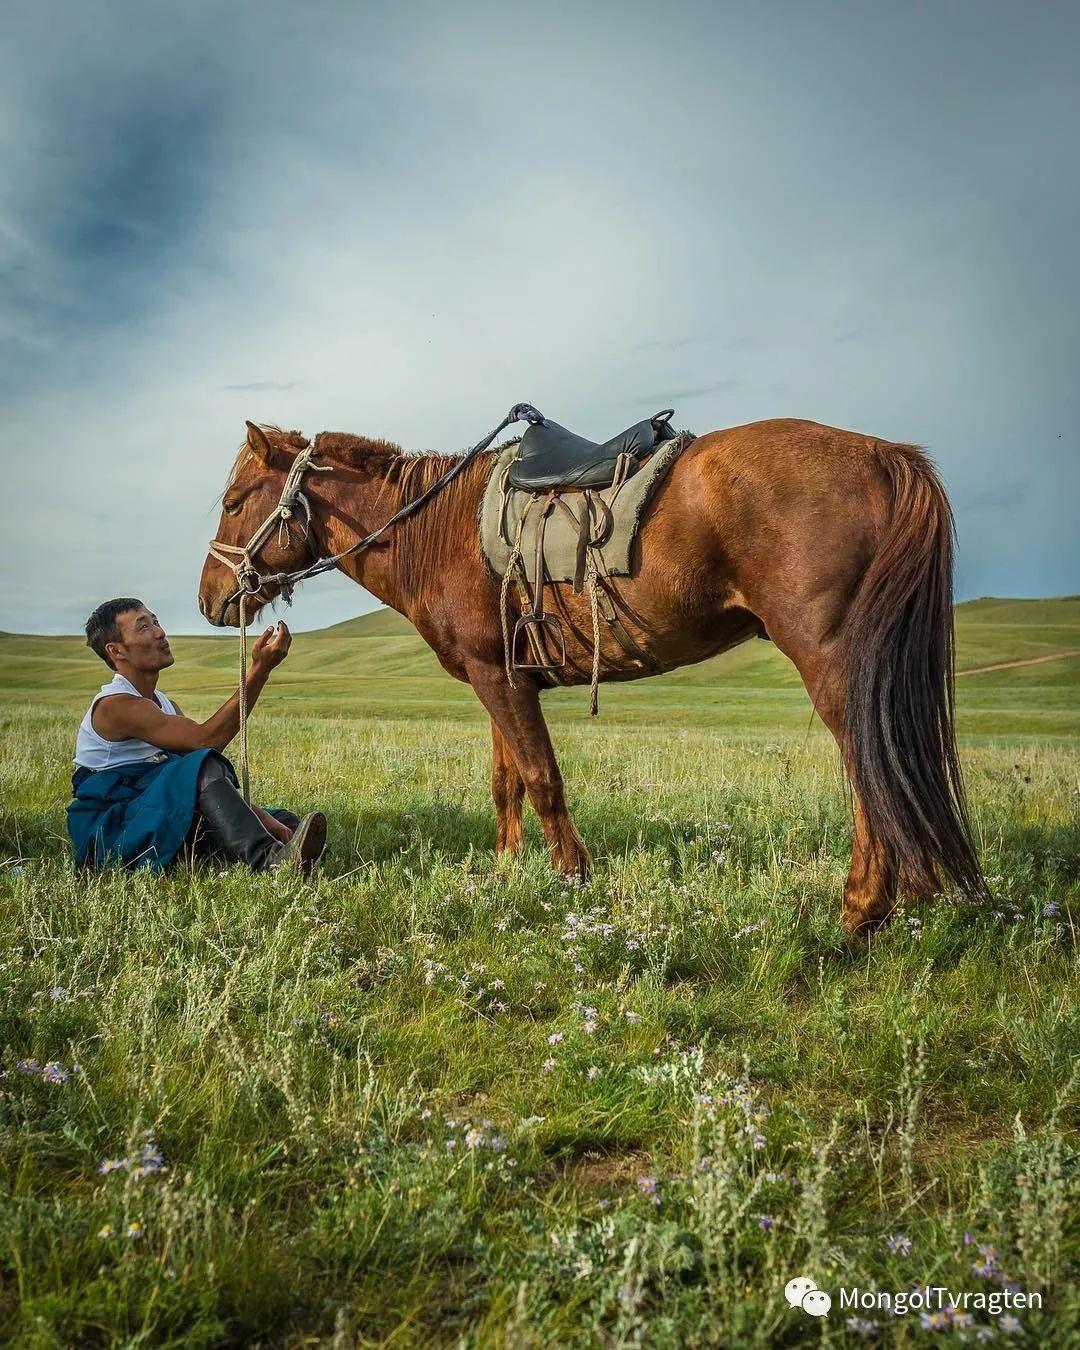 蒙古影像-- Henne Metz 第10张 蒙古影像-- Henne Metz 蒙古文化